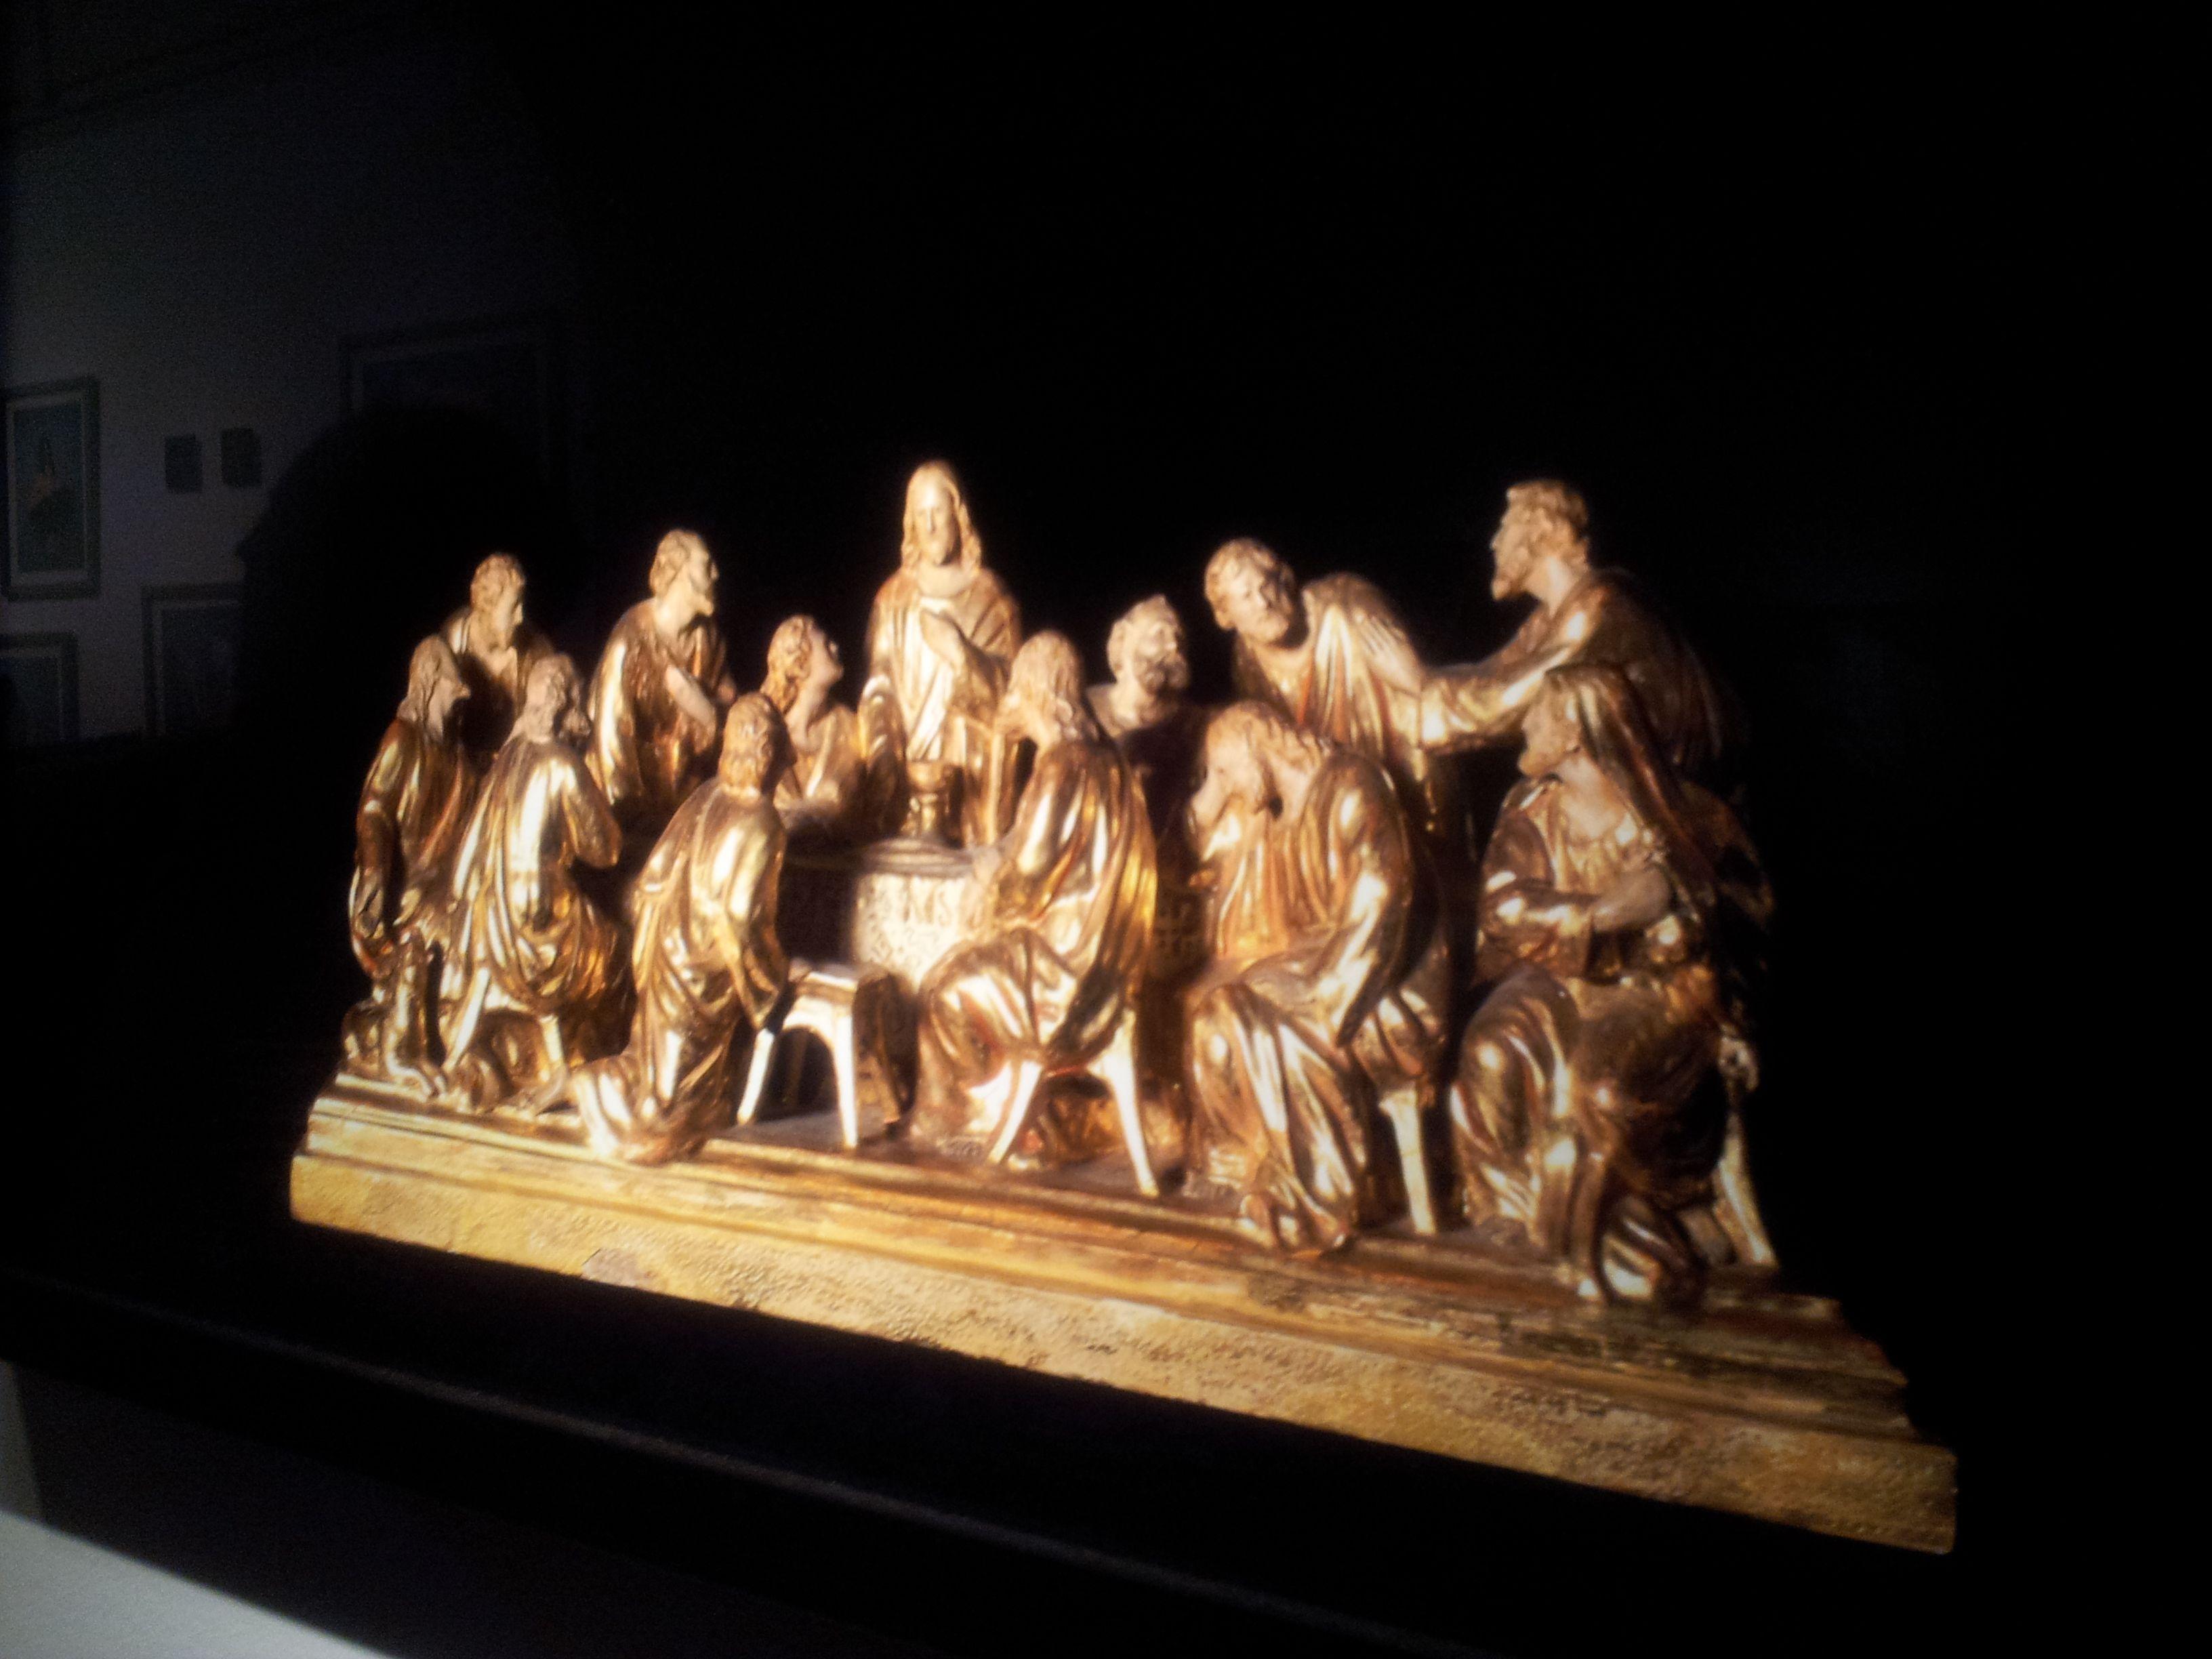 Entre esos objetos retratados, una talla de la última cena. Un símbolo. ¿Dónde está la mujer? Un objeto histórico que muestra otro conflicto, el de la mujer lejos del poder.